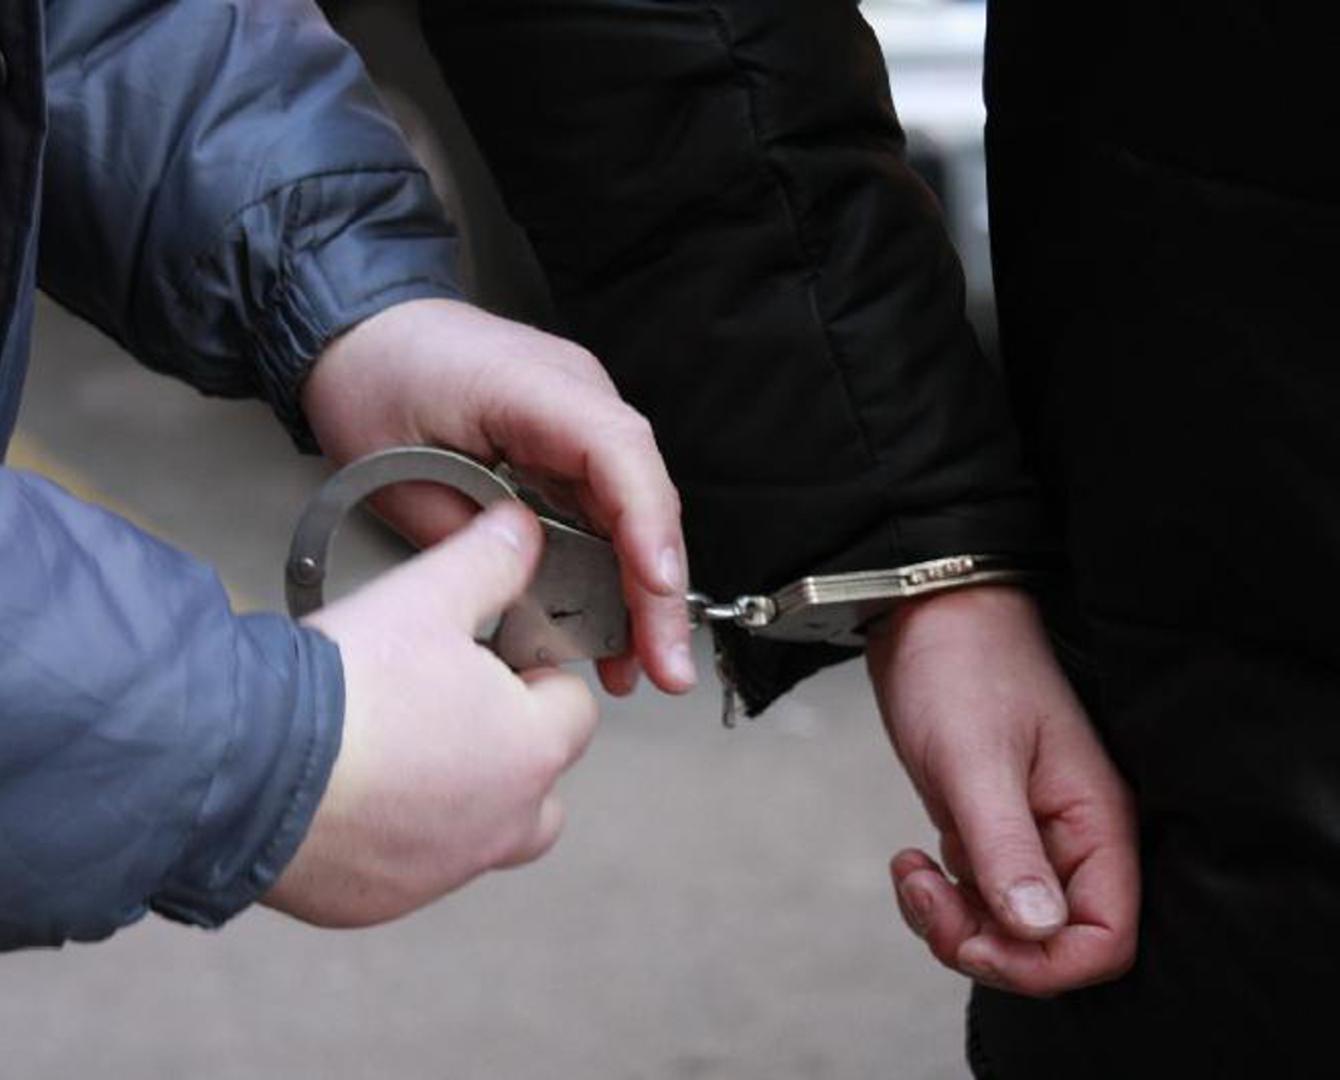 В Алматы задержали лжесотрудника спецслужб